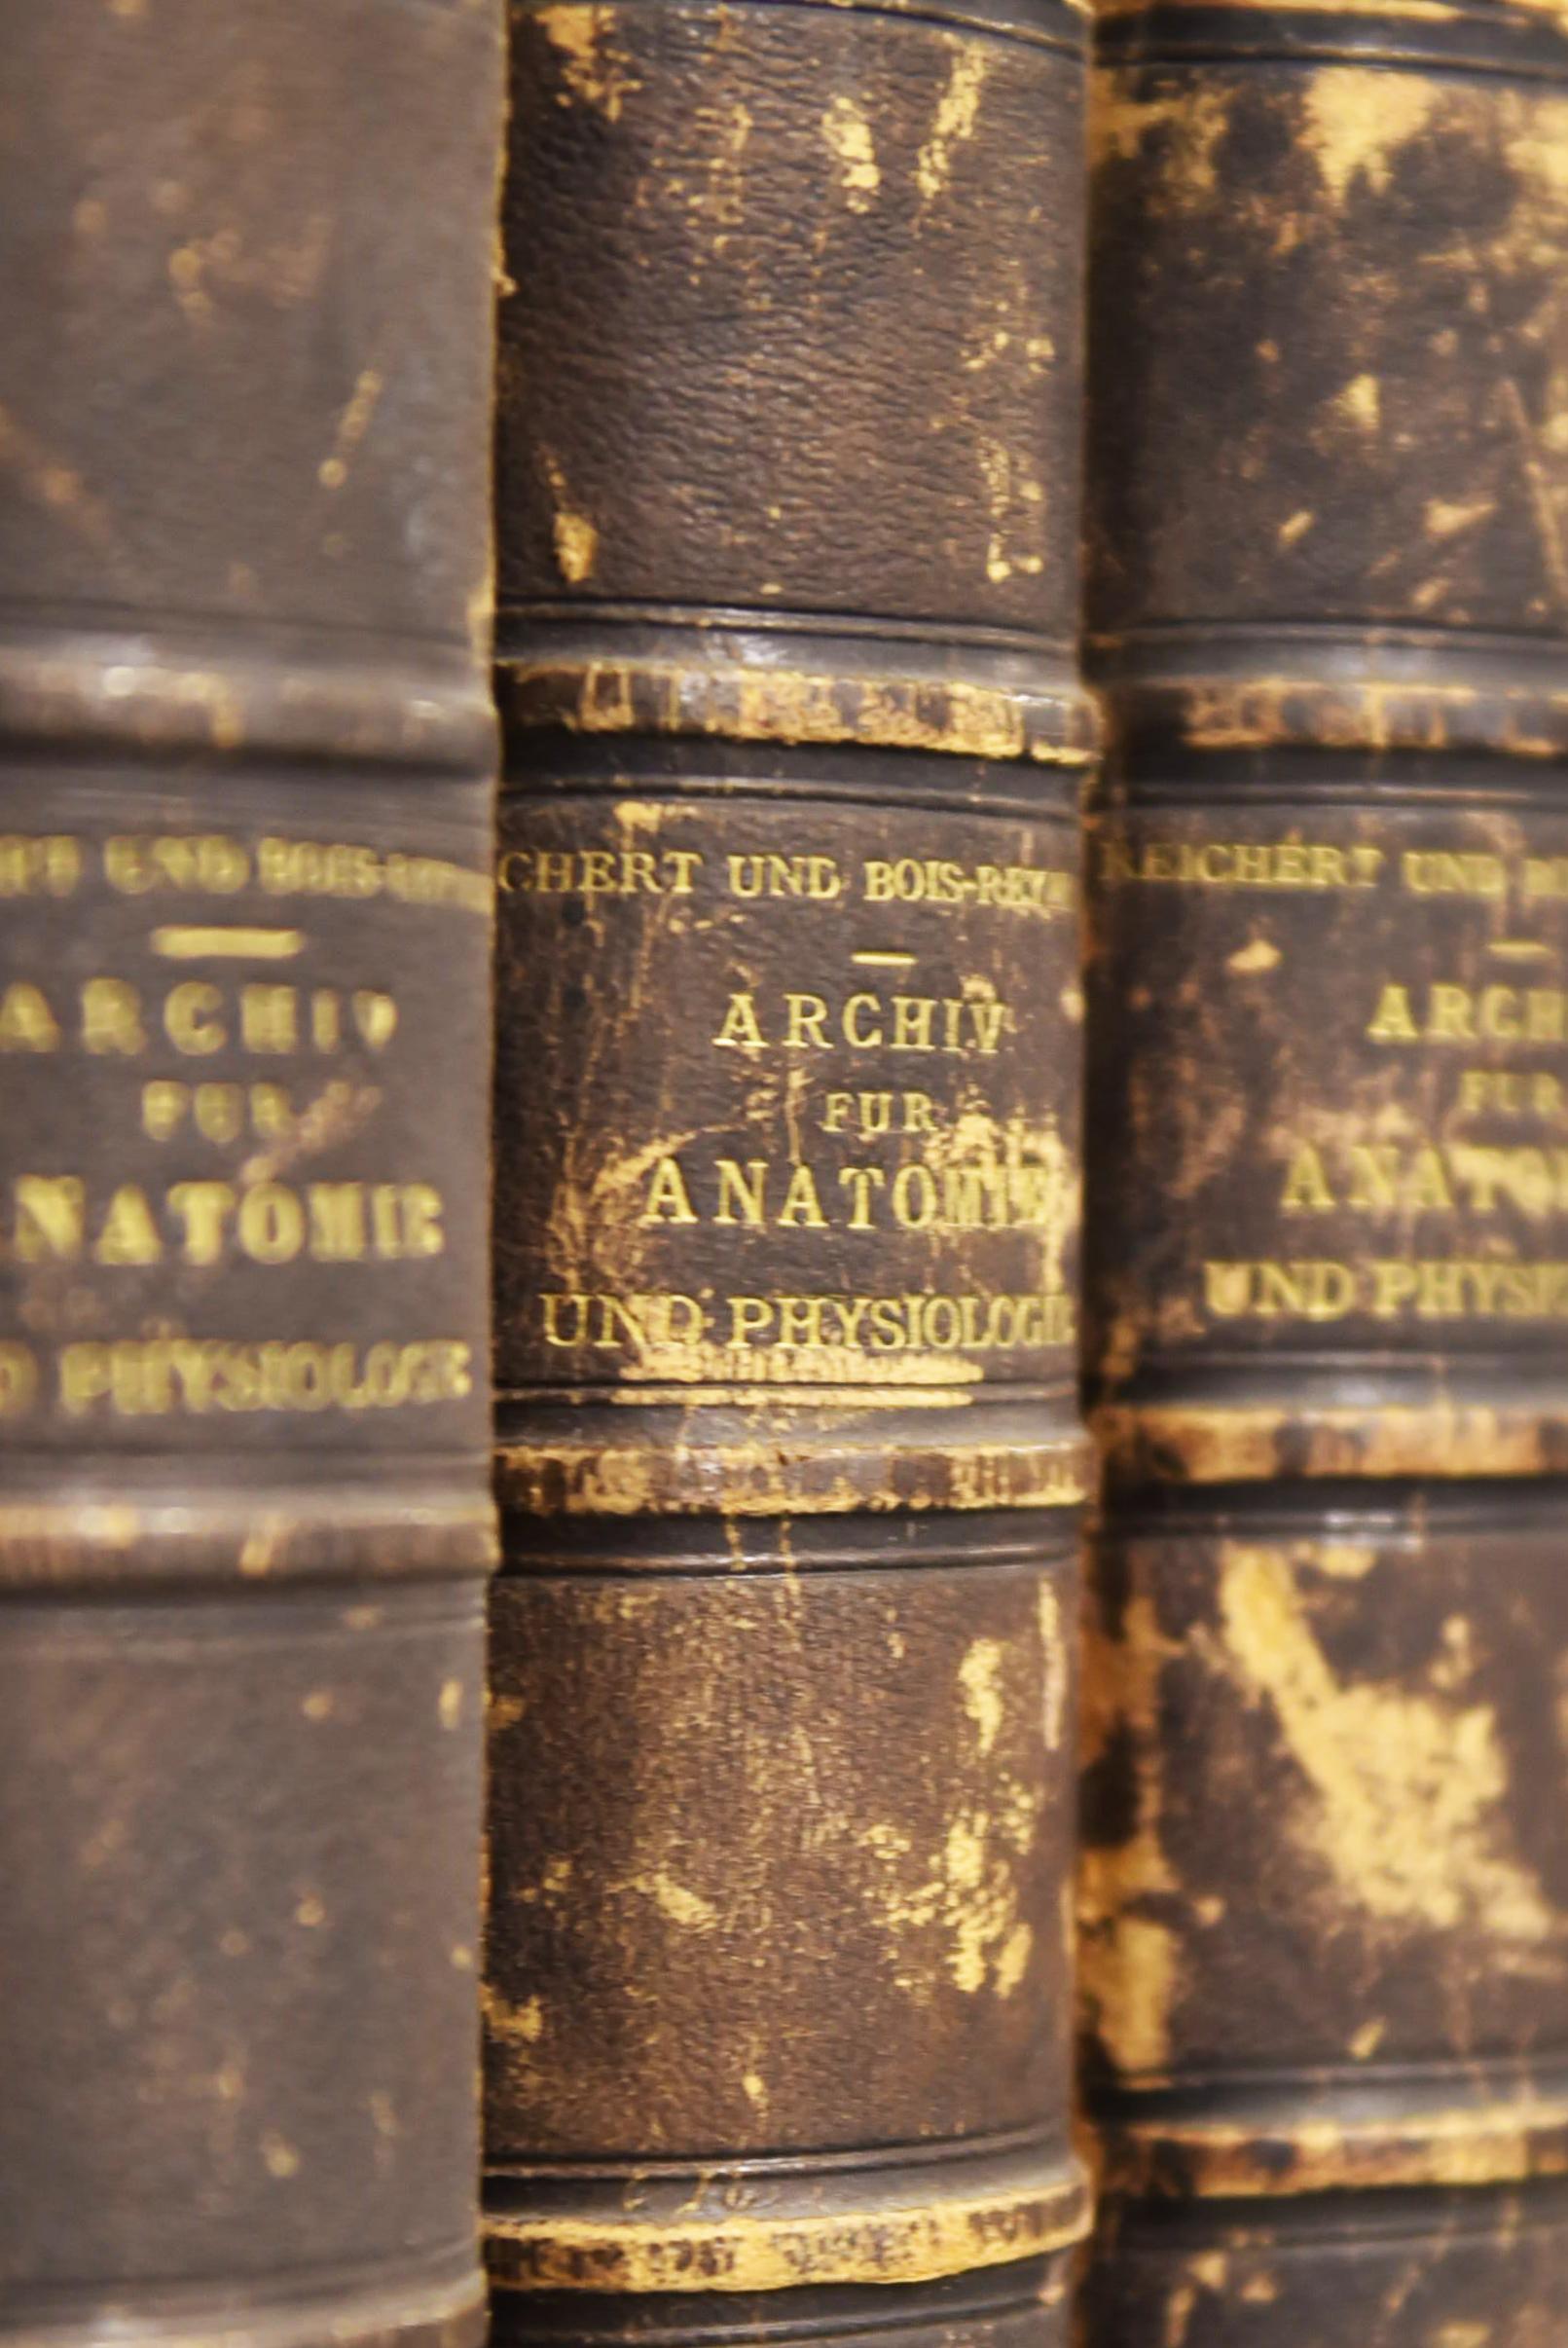 Archiv für Anatomie und Physiologie 3